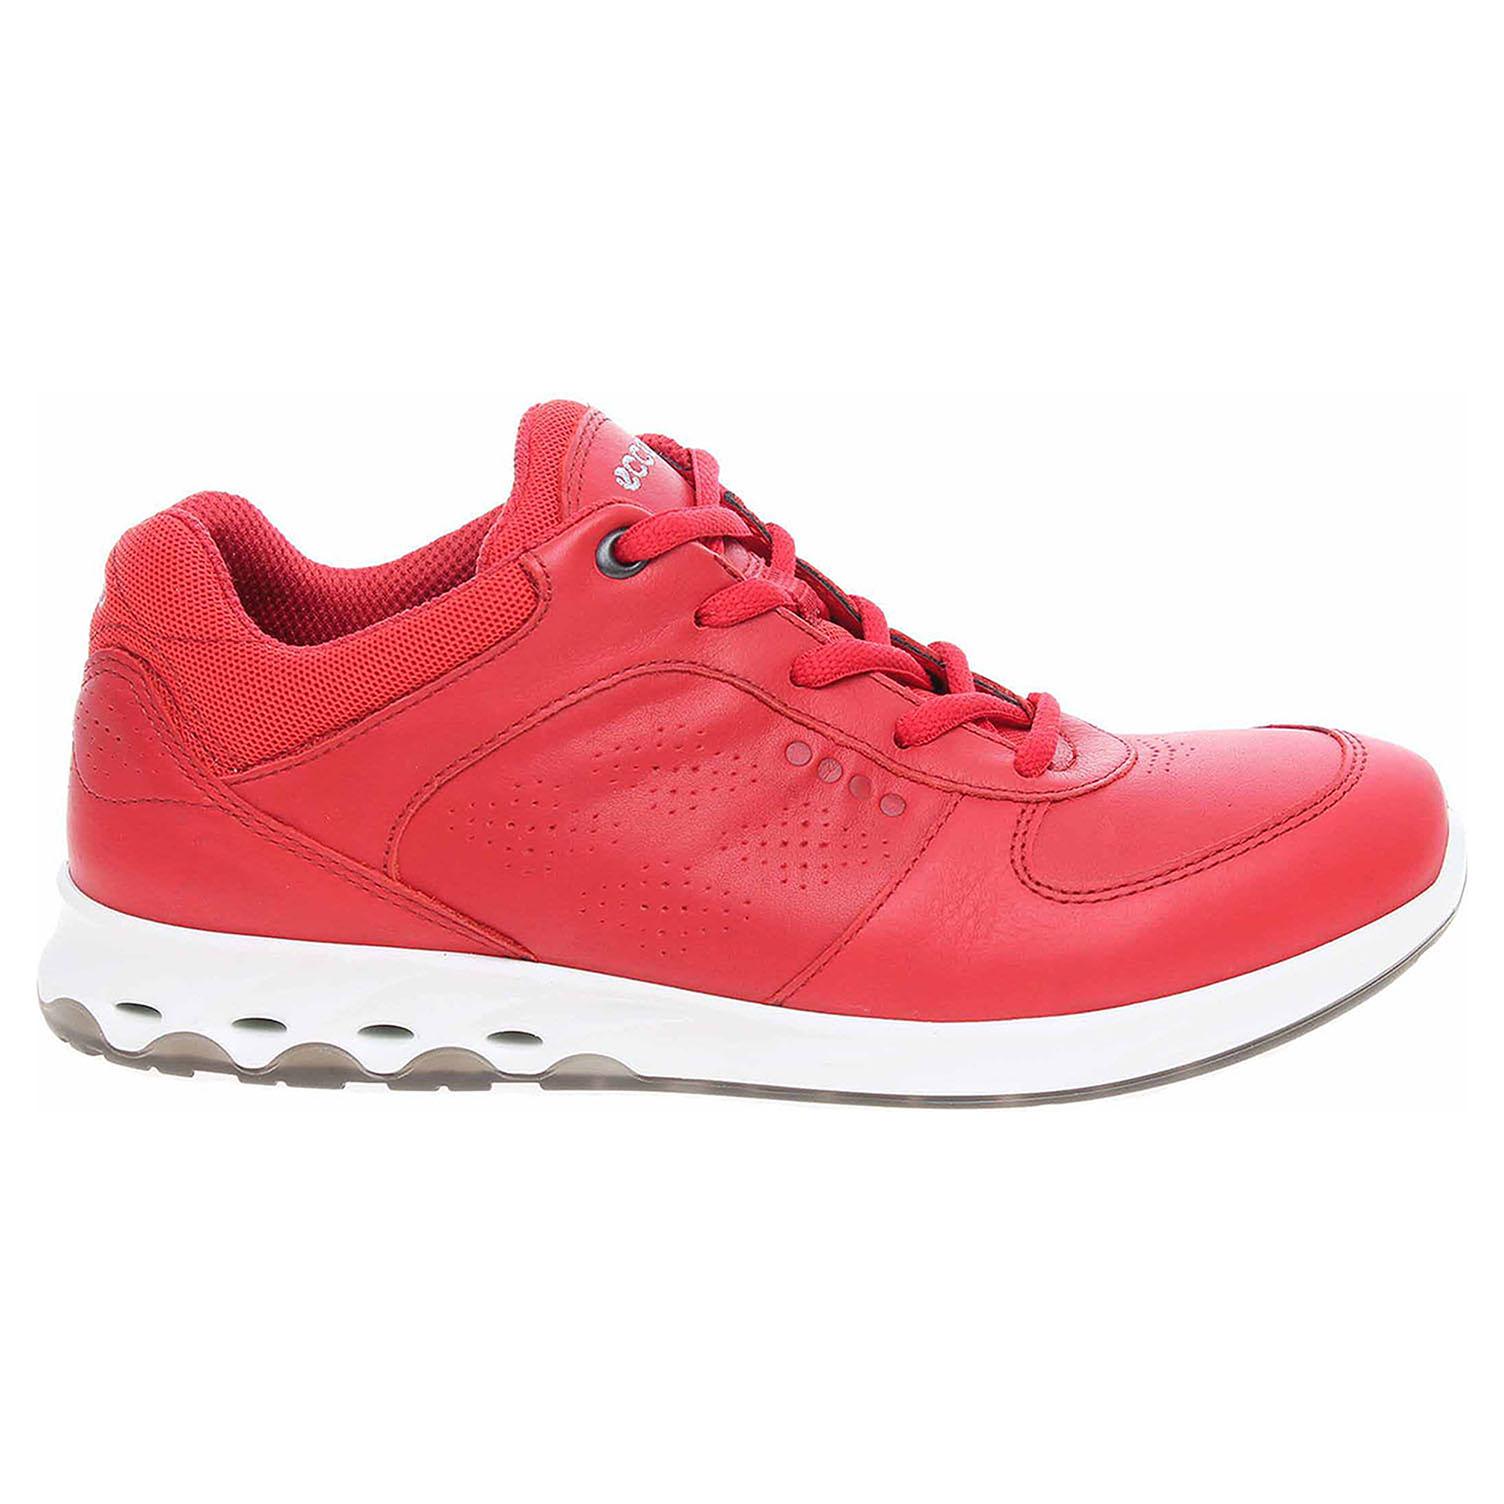 Ecco Ecco Wayfly dámská obuv 83521301046 tomato 23200784 7ffaa597508